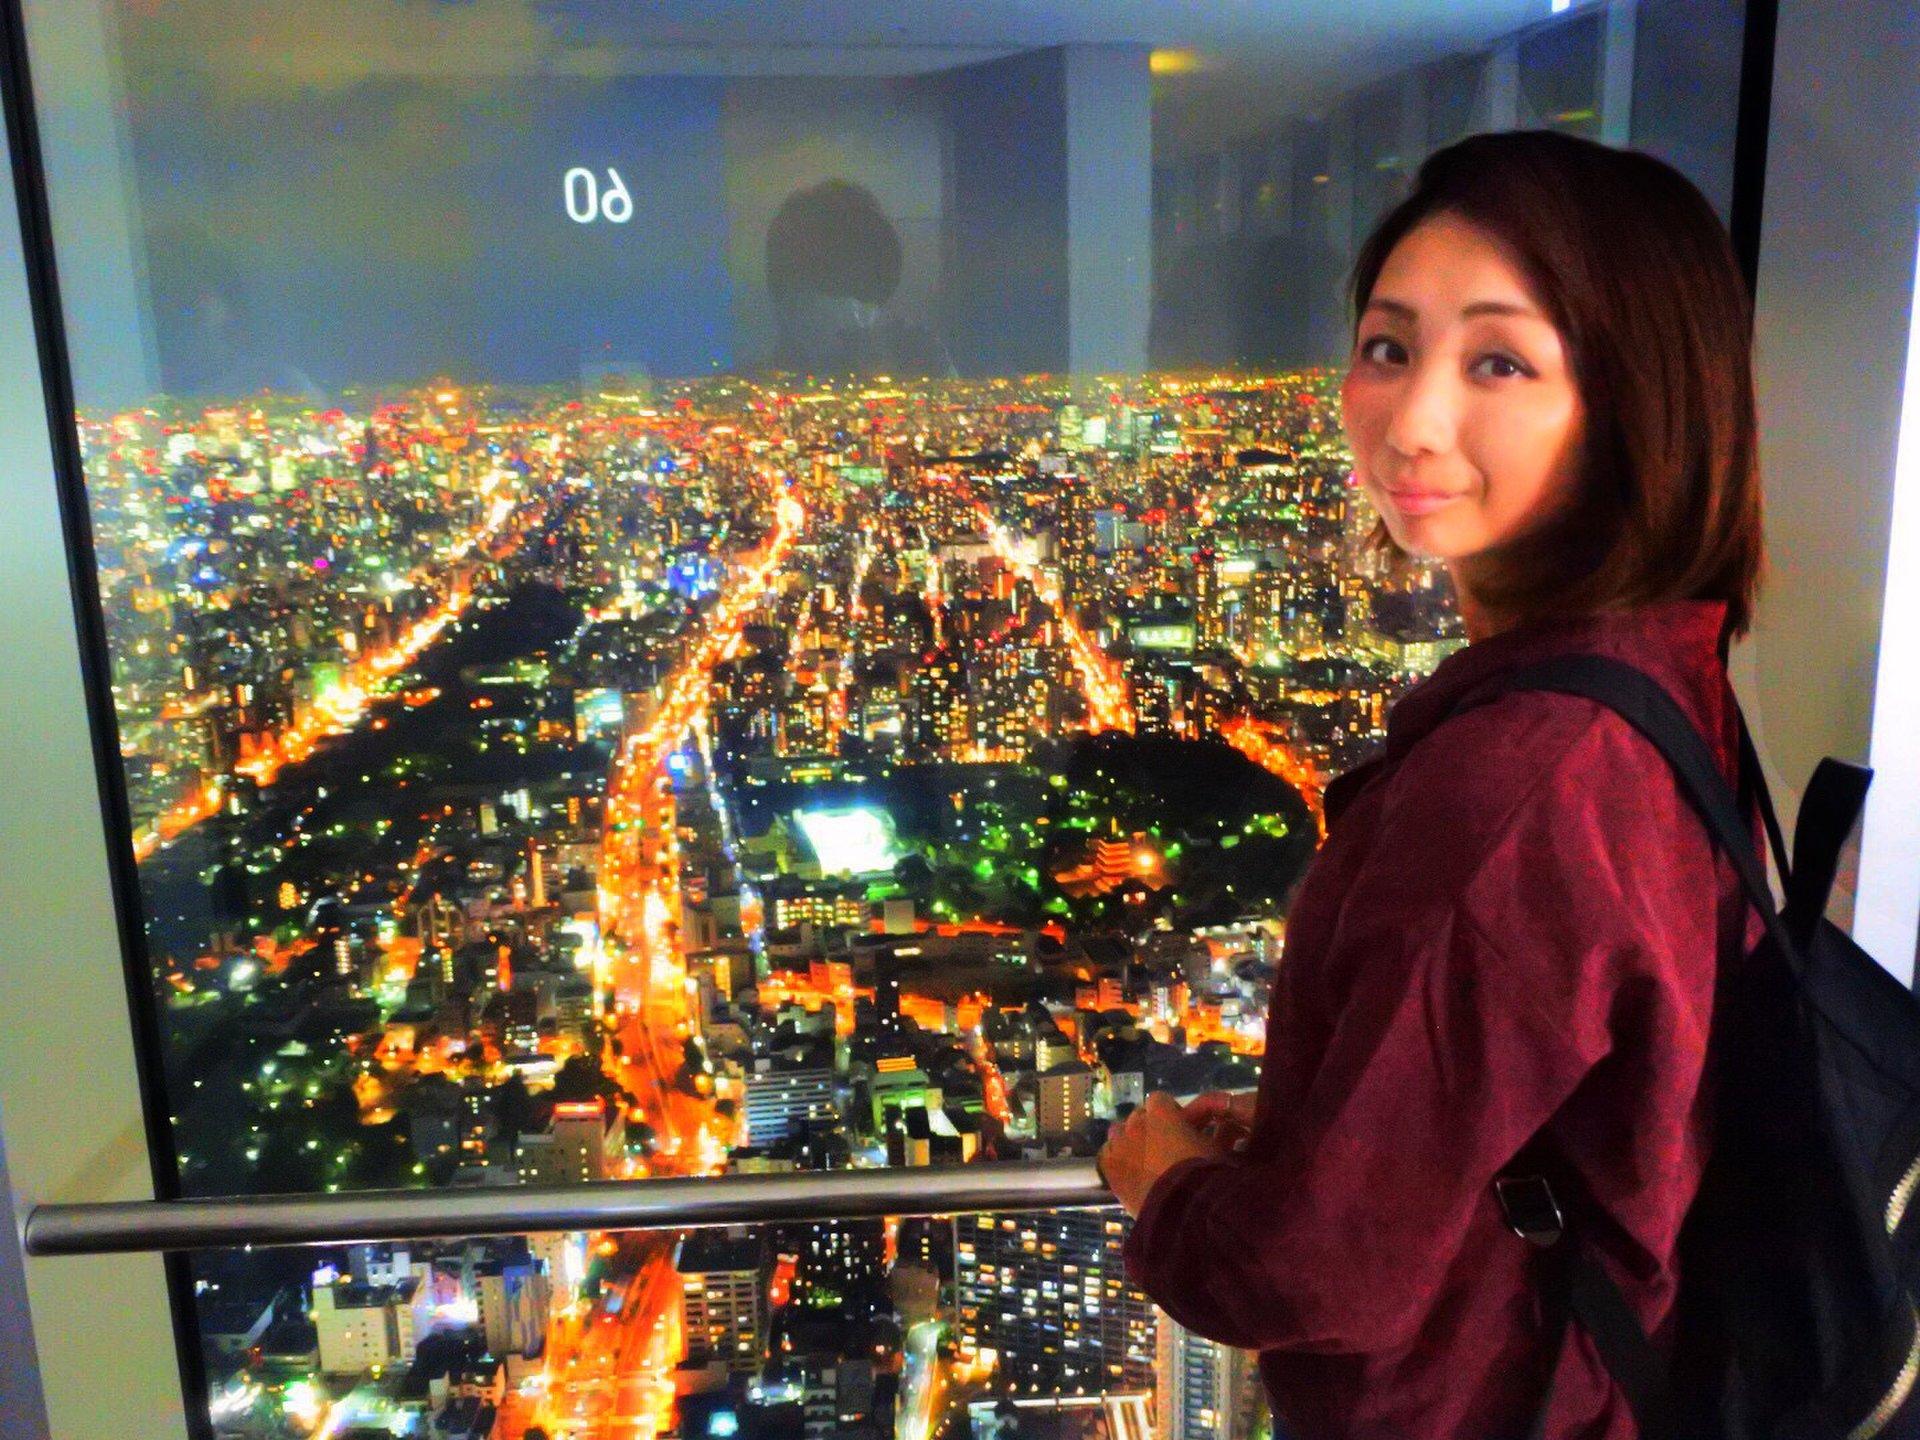 関西デート!カップルで行くべきおすすめデートスポットTOP11